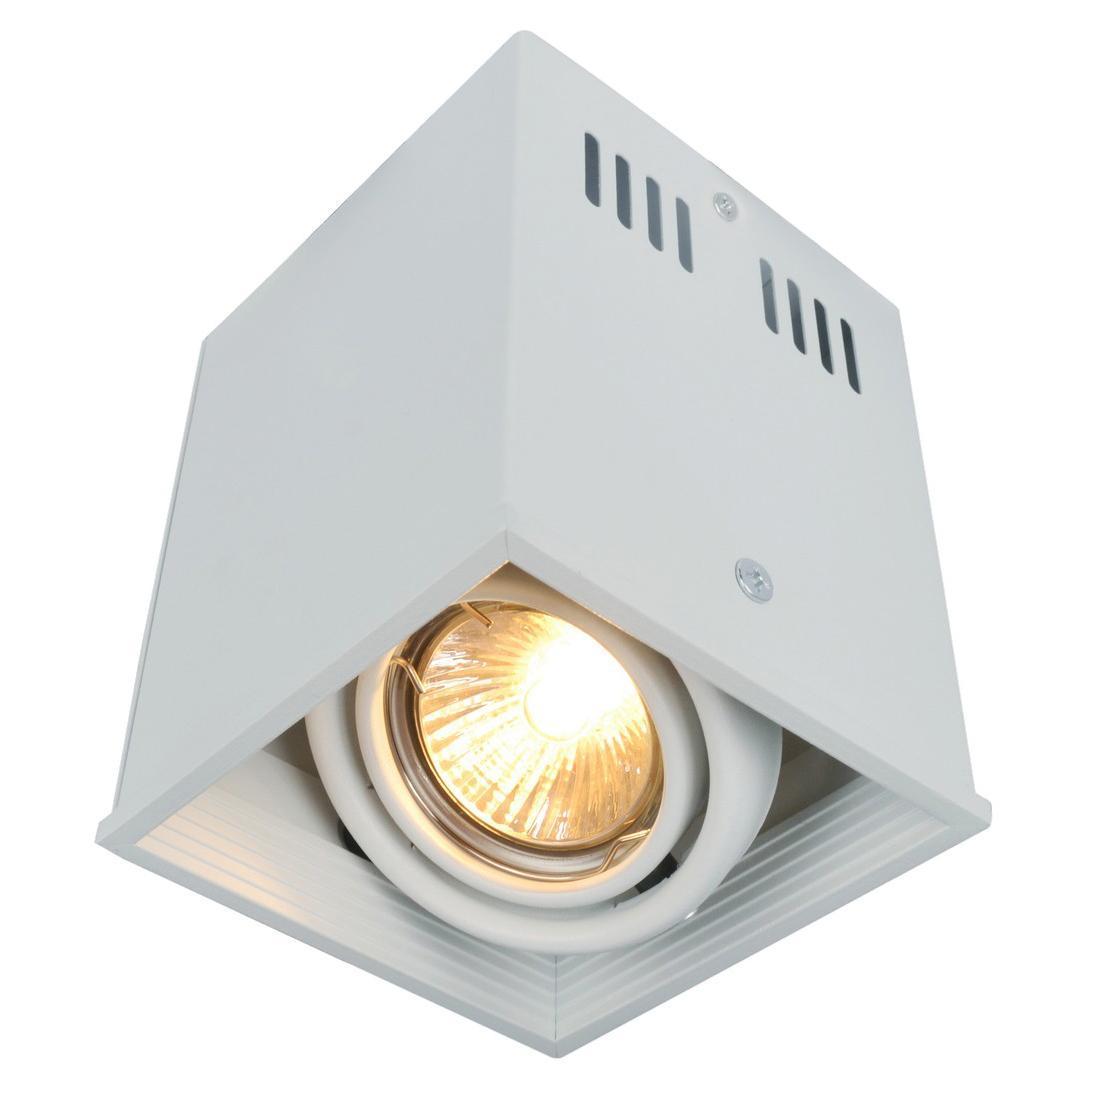 Потолочный светильник Arte Lamp Cardani A5942PL-1WH светильник потолочный arte lamp cardani a1618pl 1wh